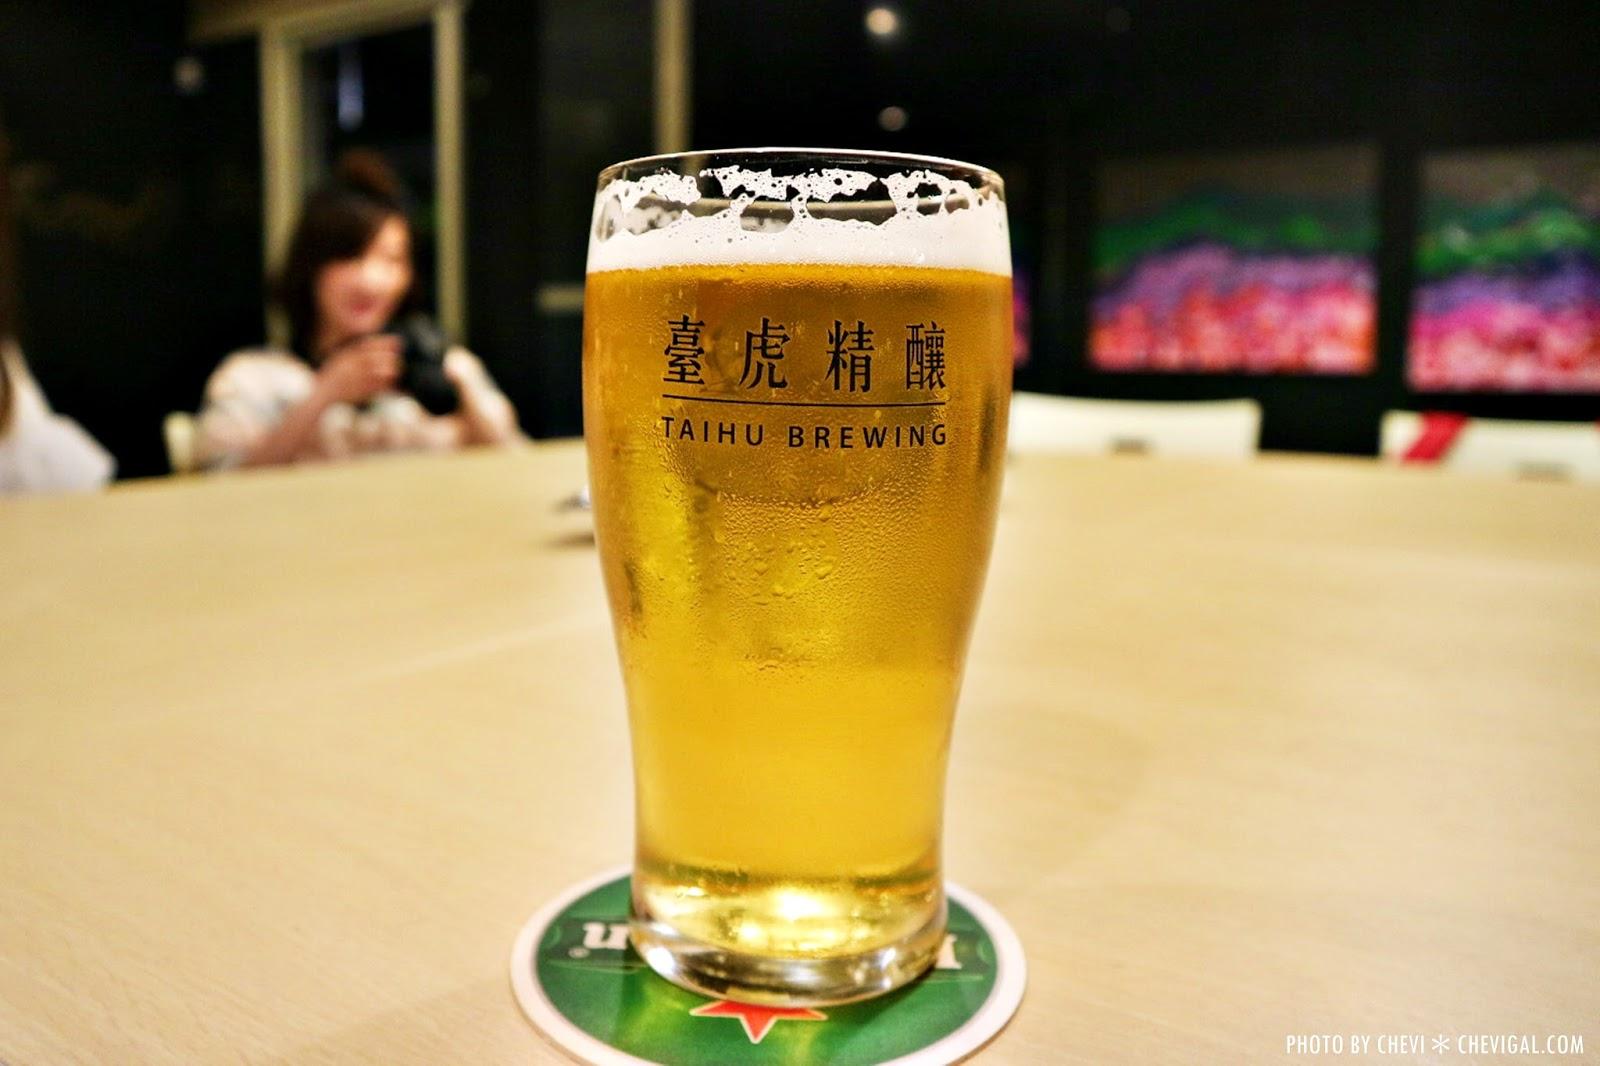 image277 - 熱血採訪│大和17。日式建築的運動主題餐館。自在氣氛包場好地方。臺虎精釀也能喝得到